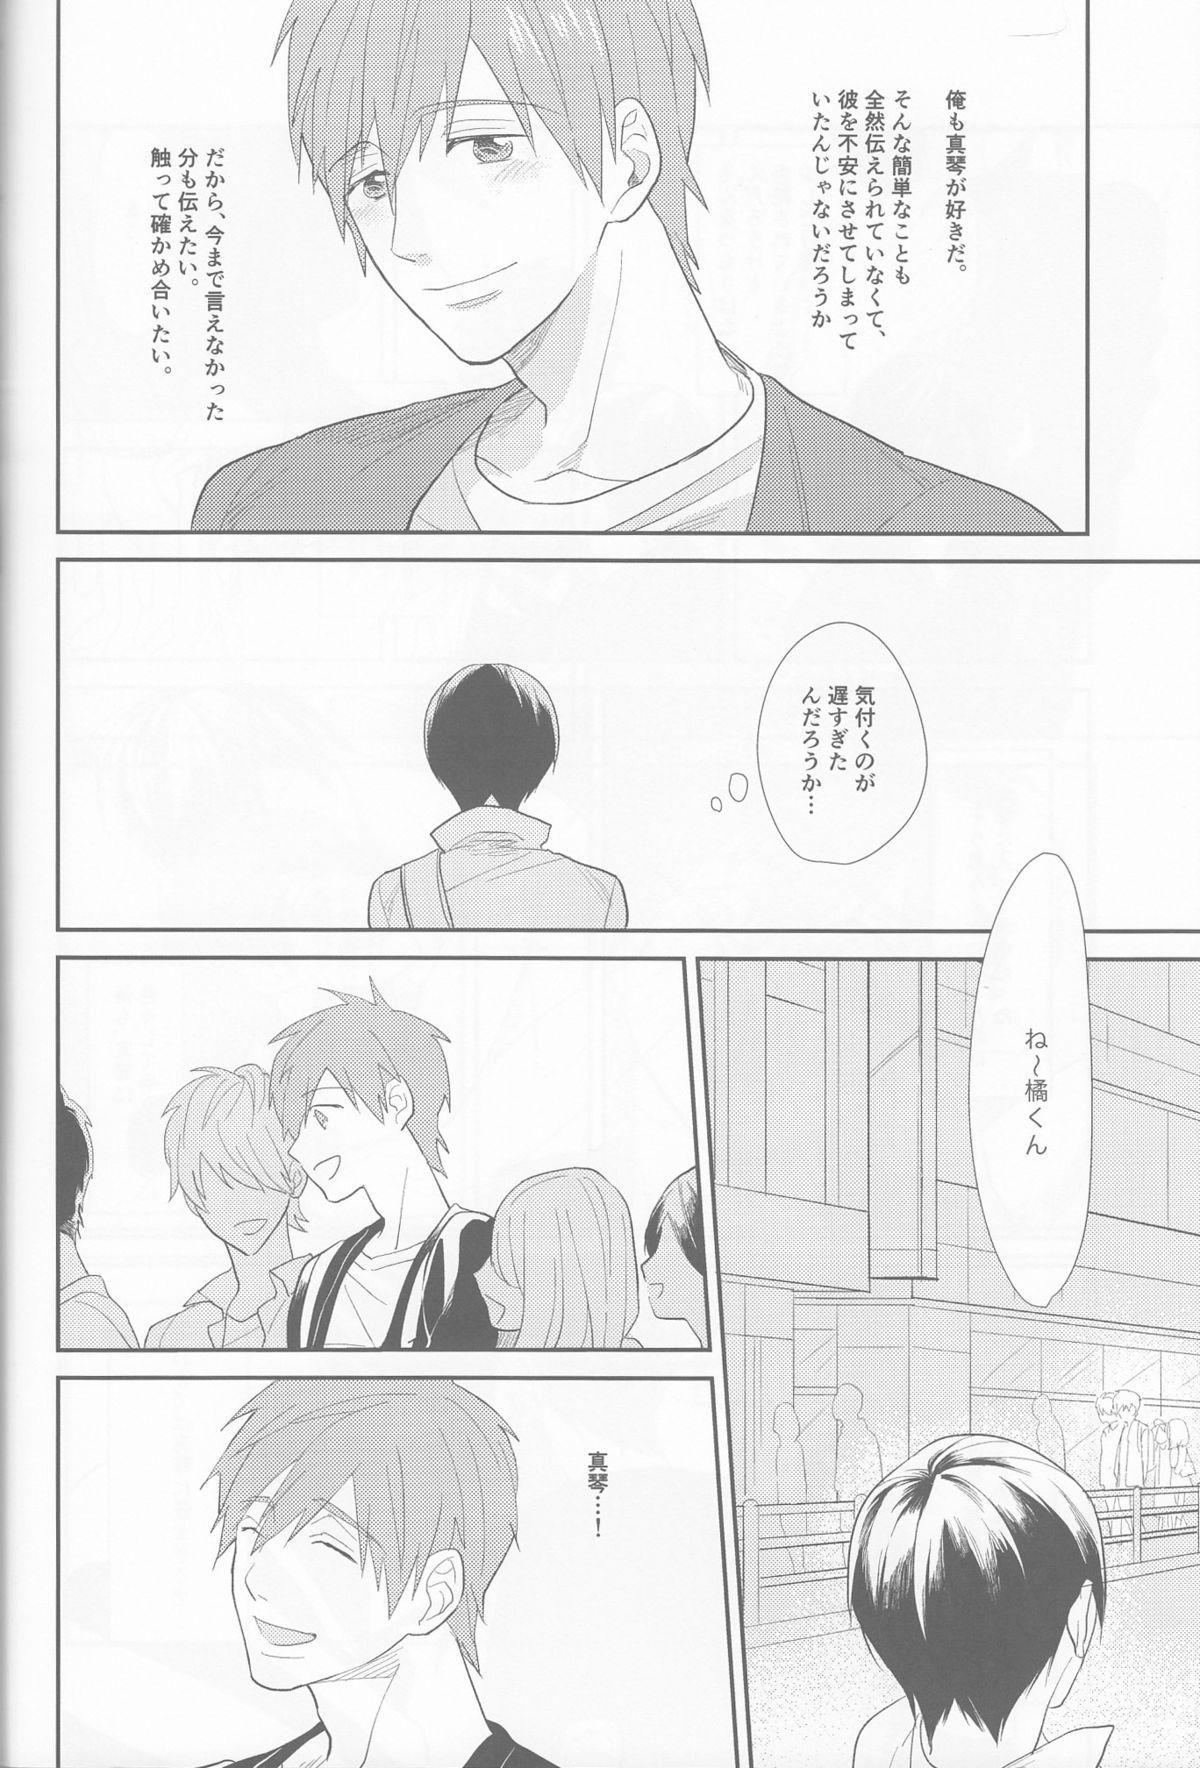 Aishiaouyo 4